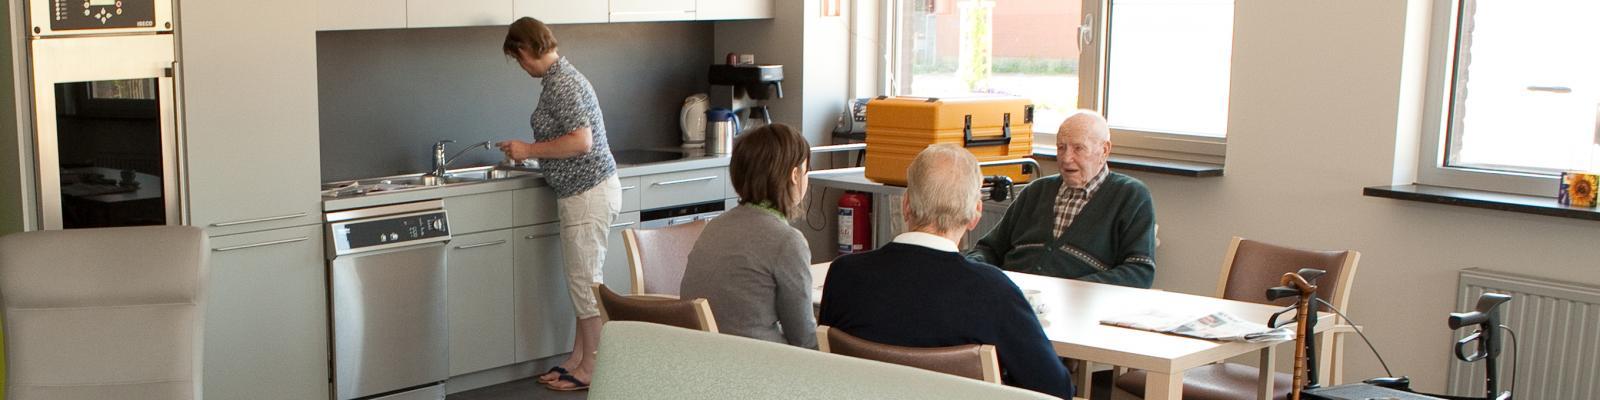 ouderen die gezellig tafelen in de keuken van het woonzorgcentrum